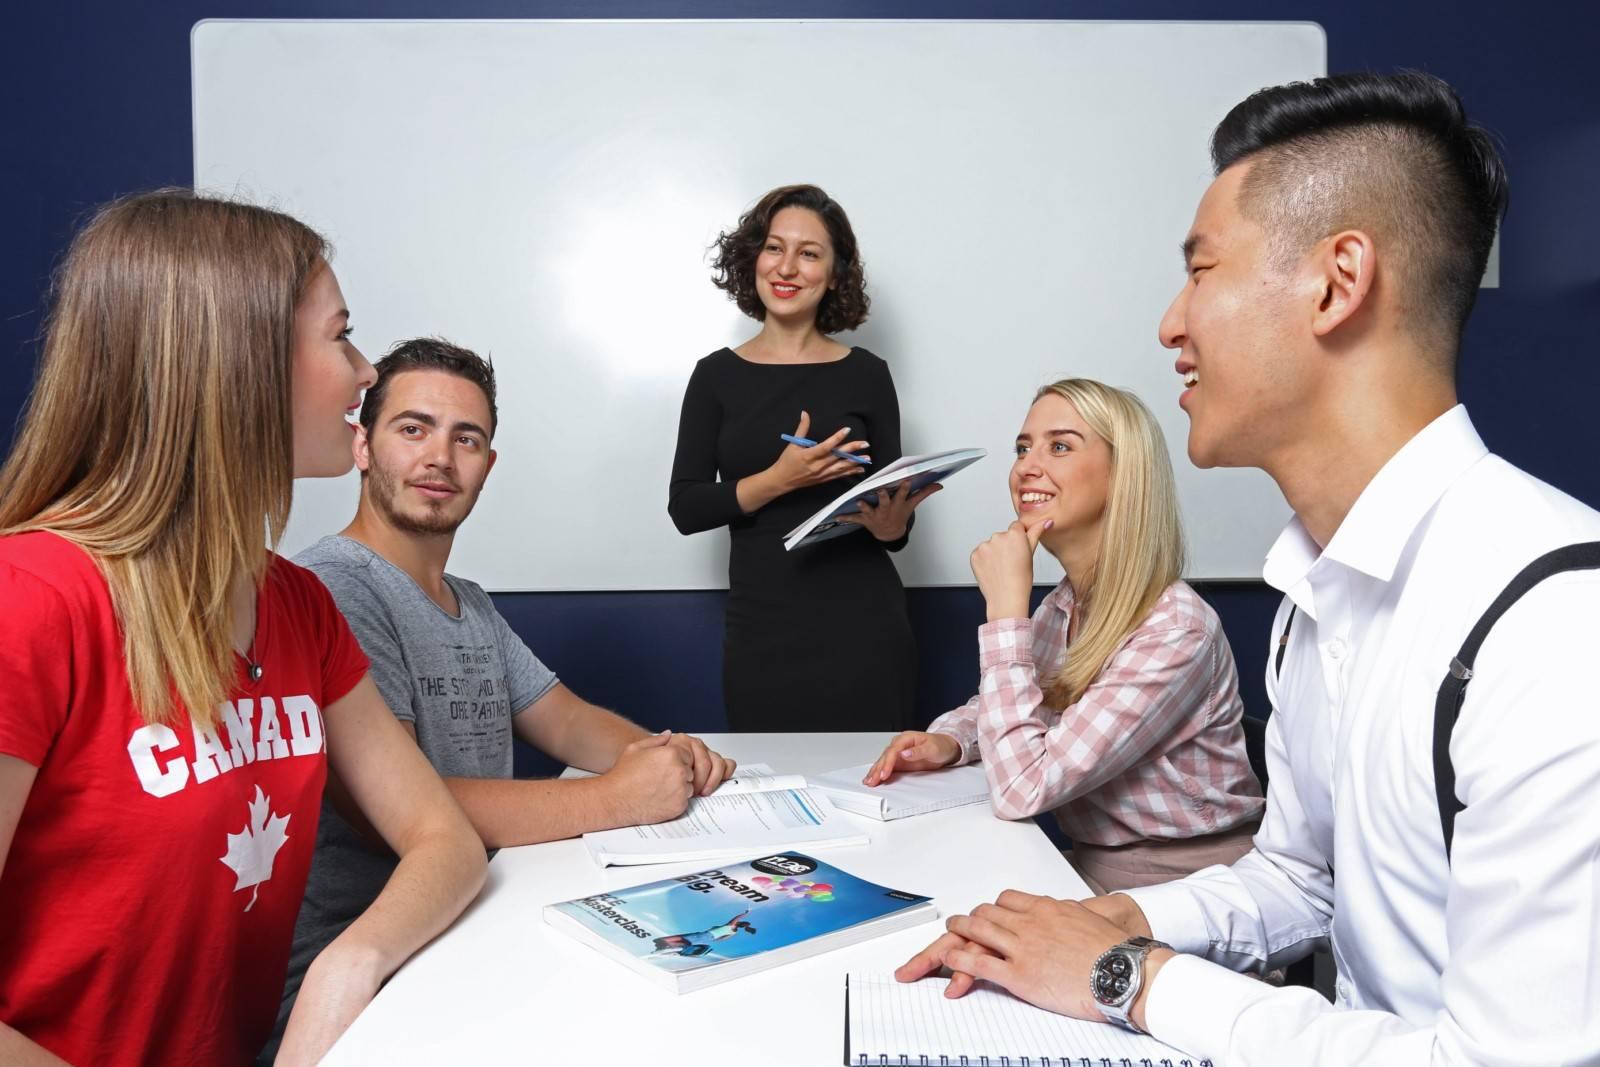 Work and study usa, работа и учеба в америке для студентов